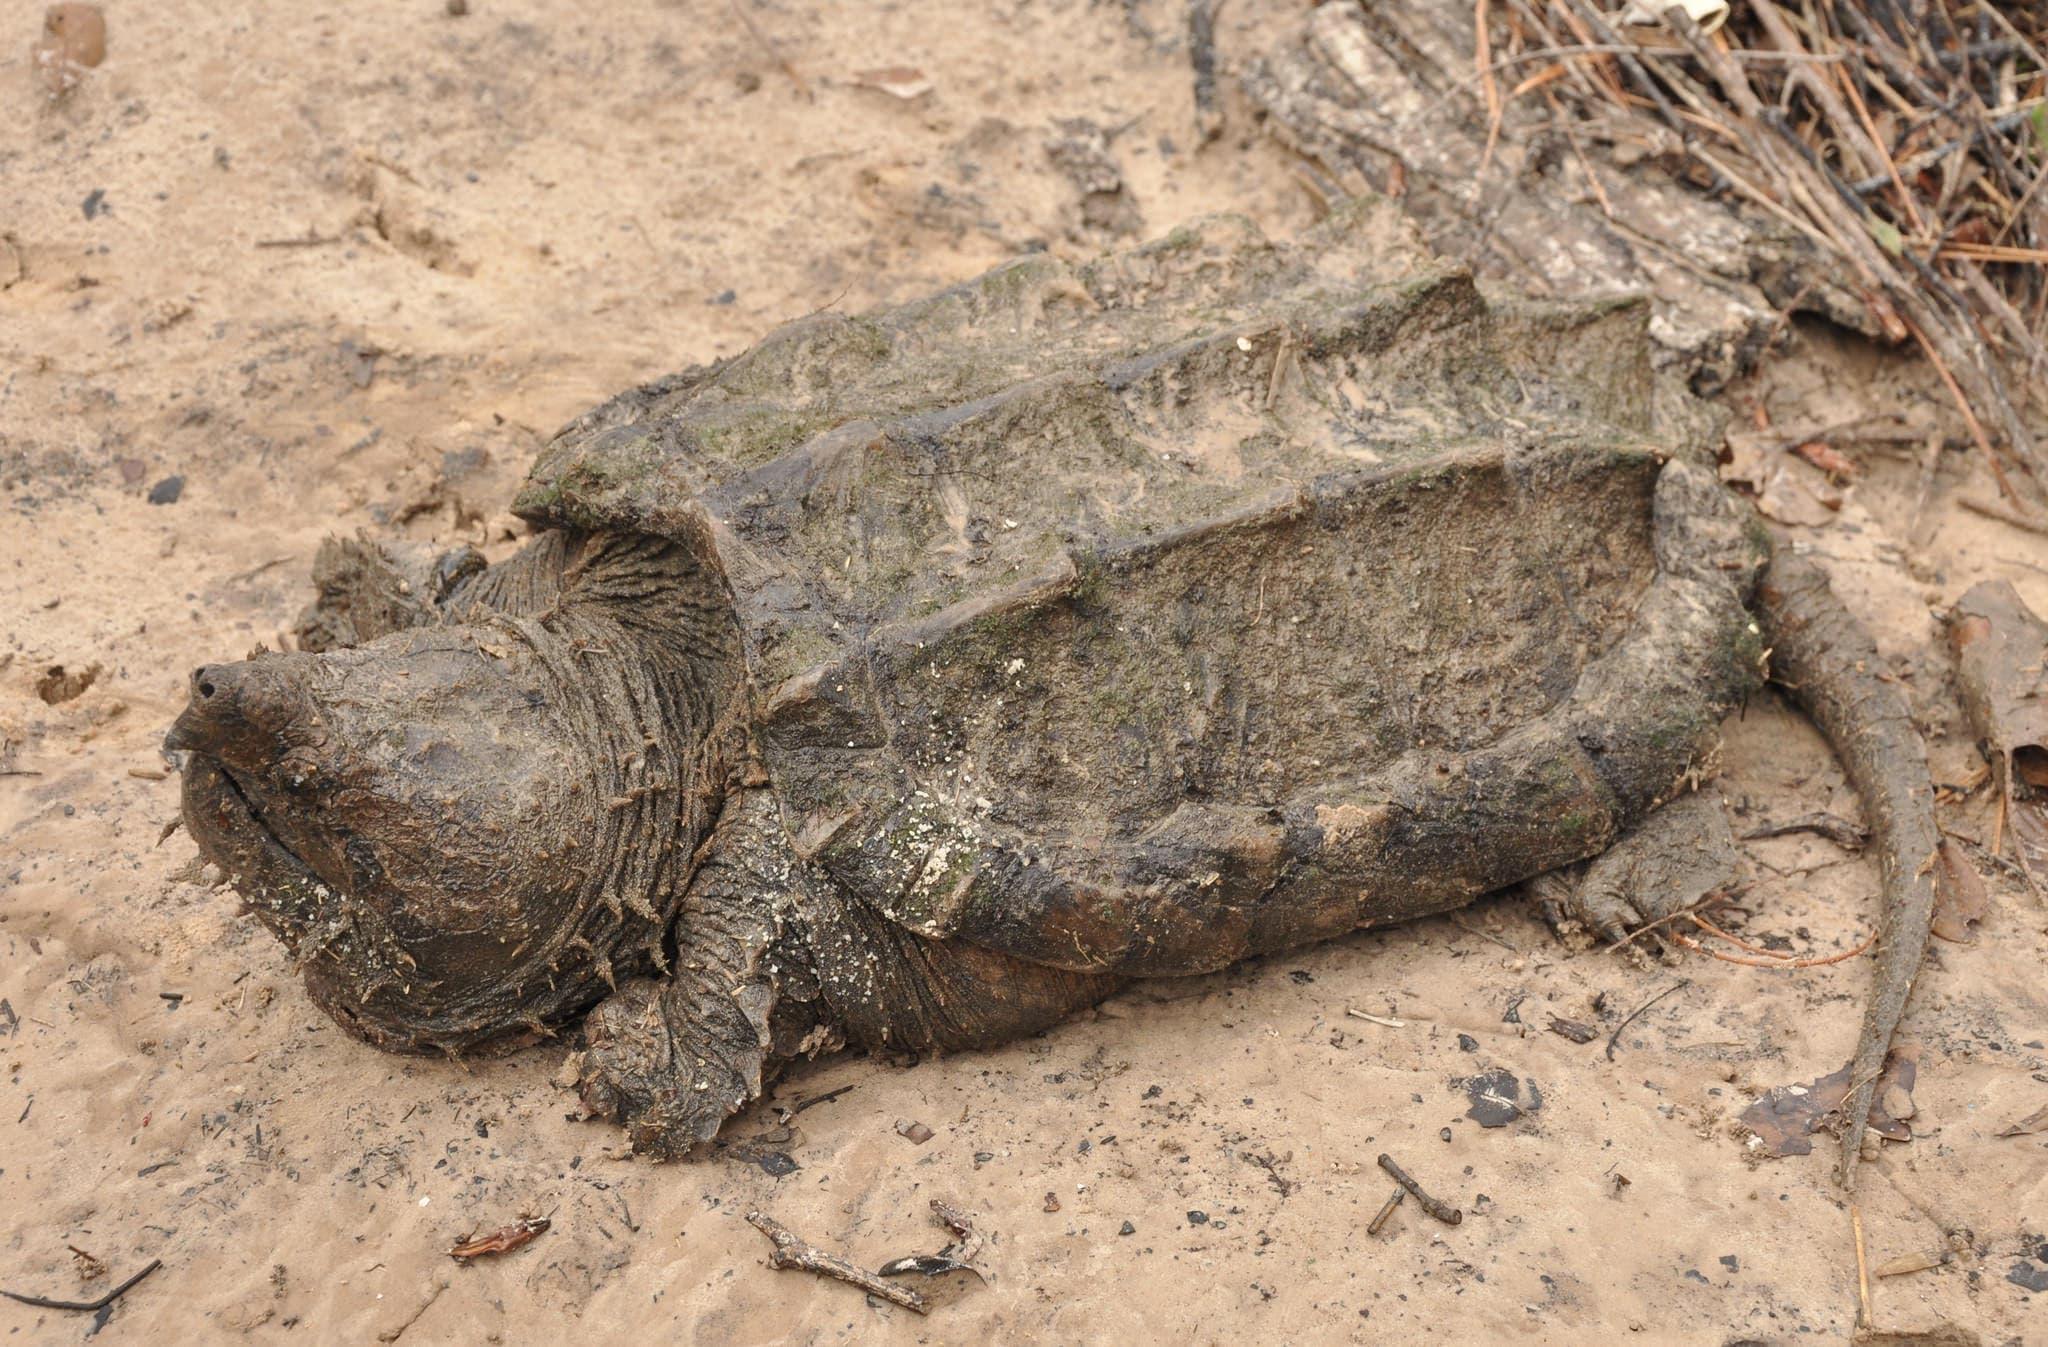 Аллигатор щелкать черепаха - alligator snapping turtle